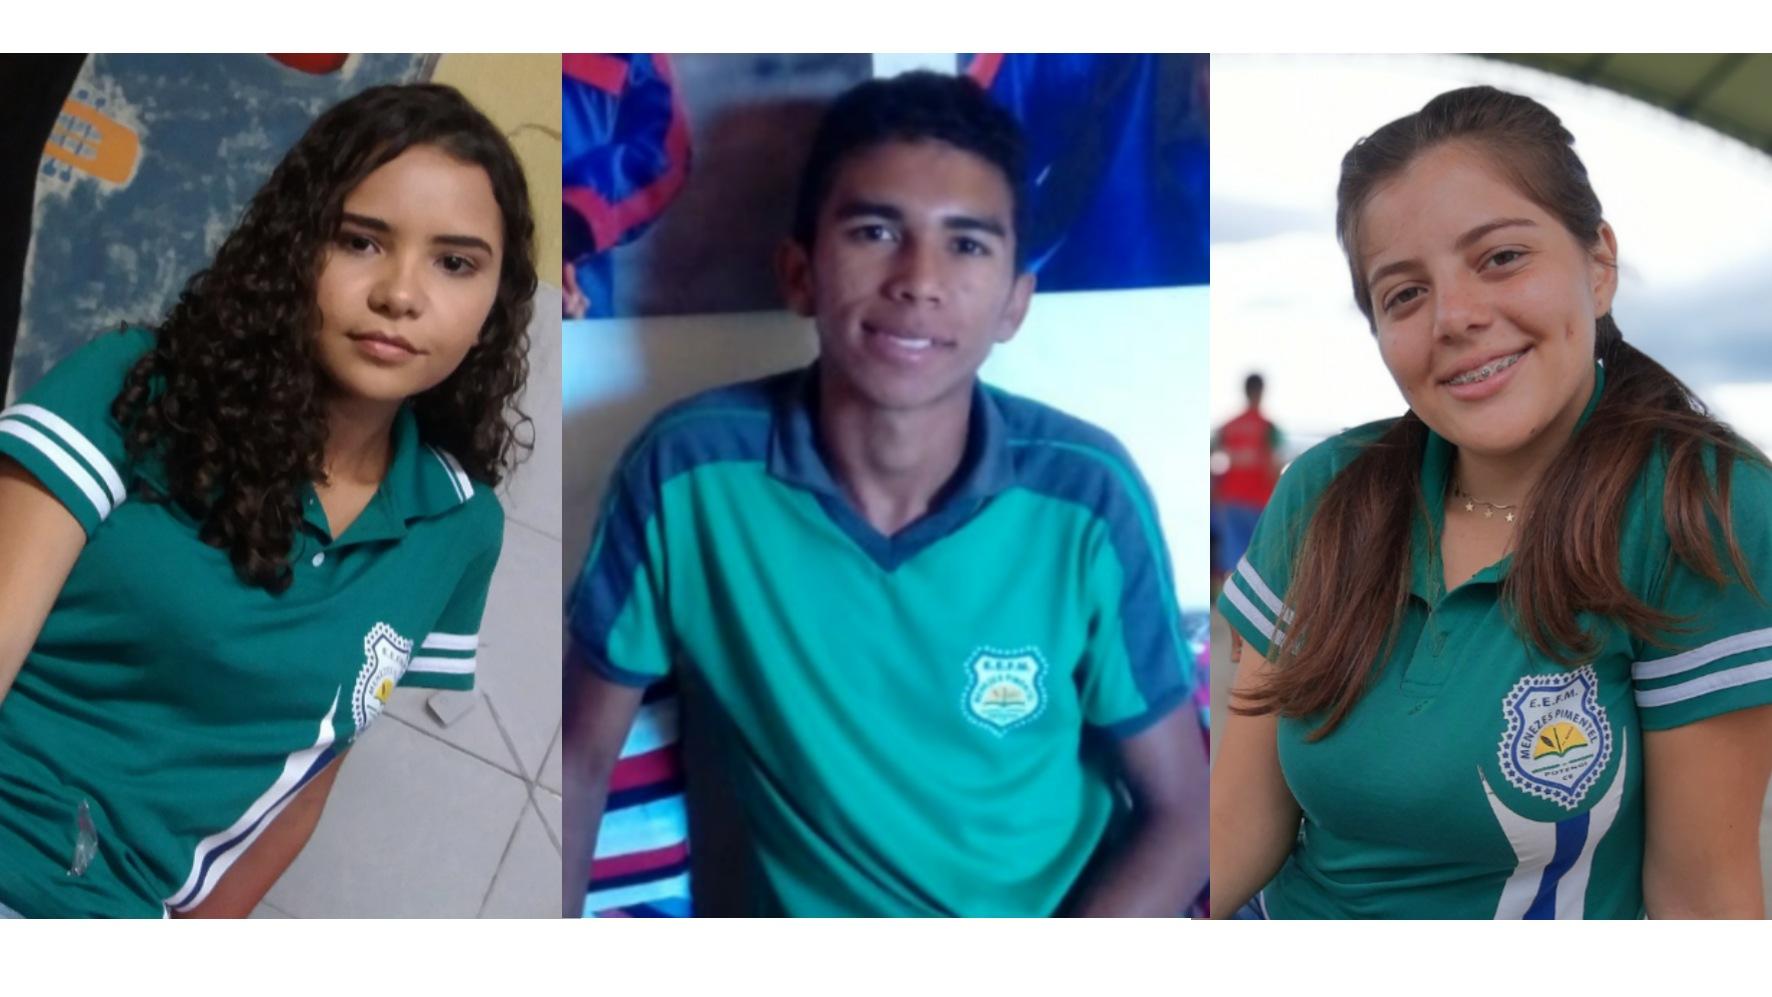 CE - Potengi - Trilharte - EEFM Menezes Pimentel